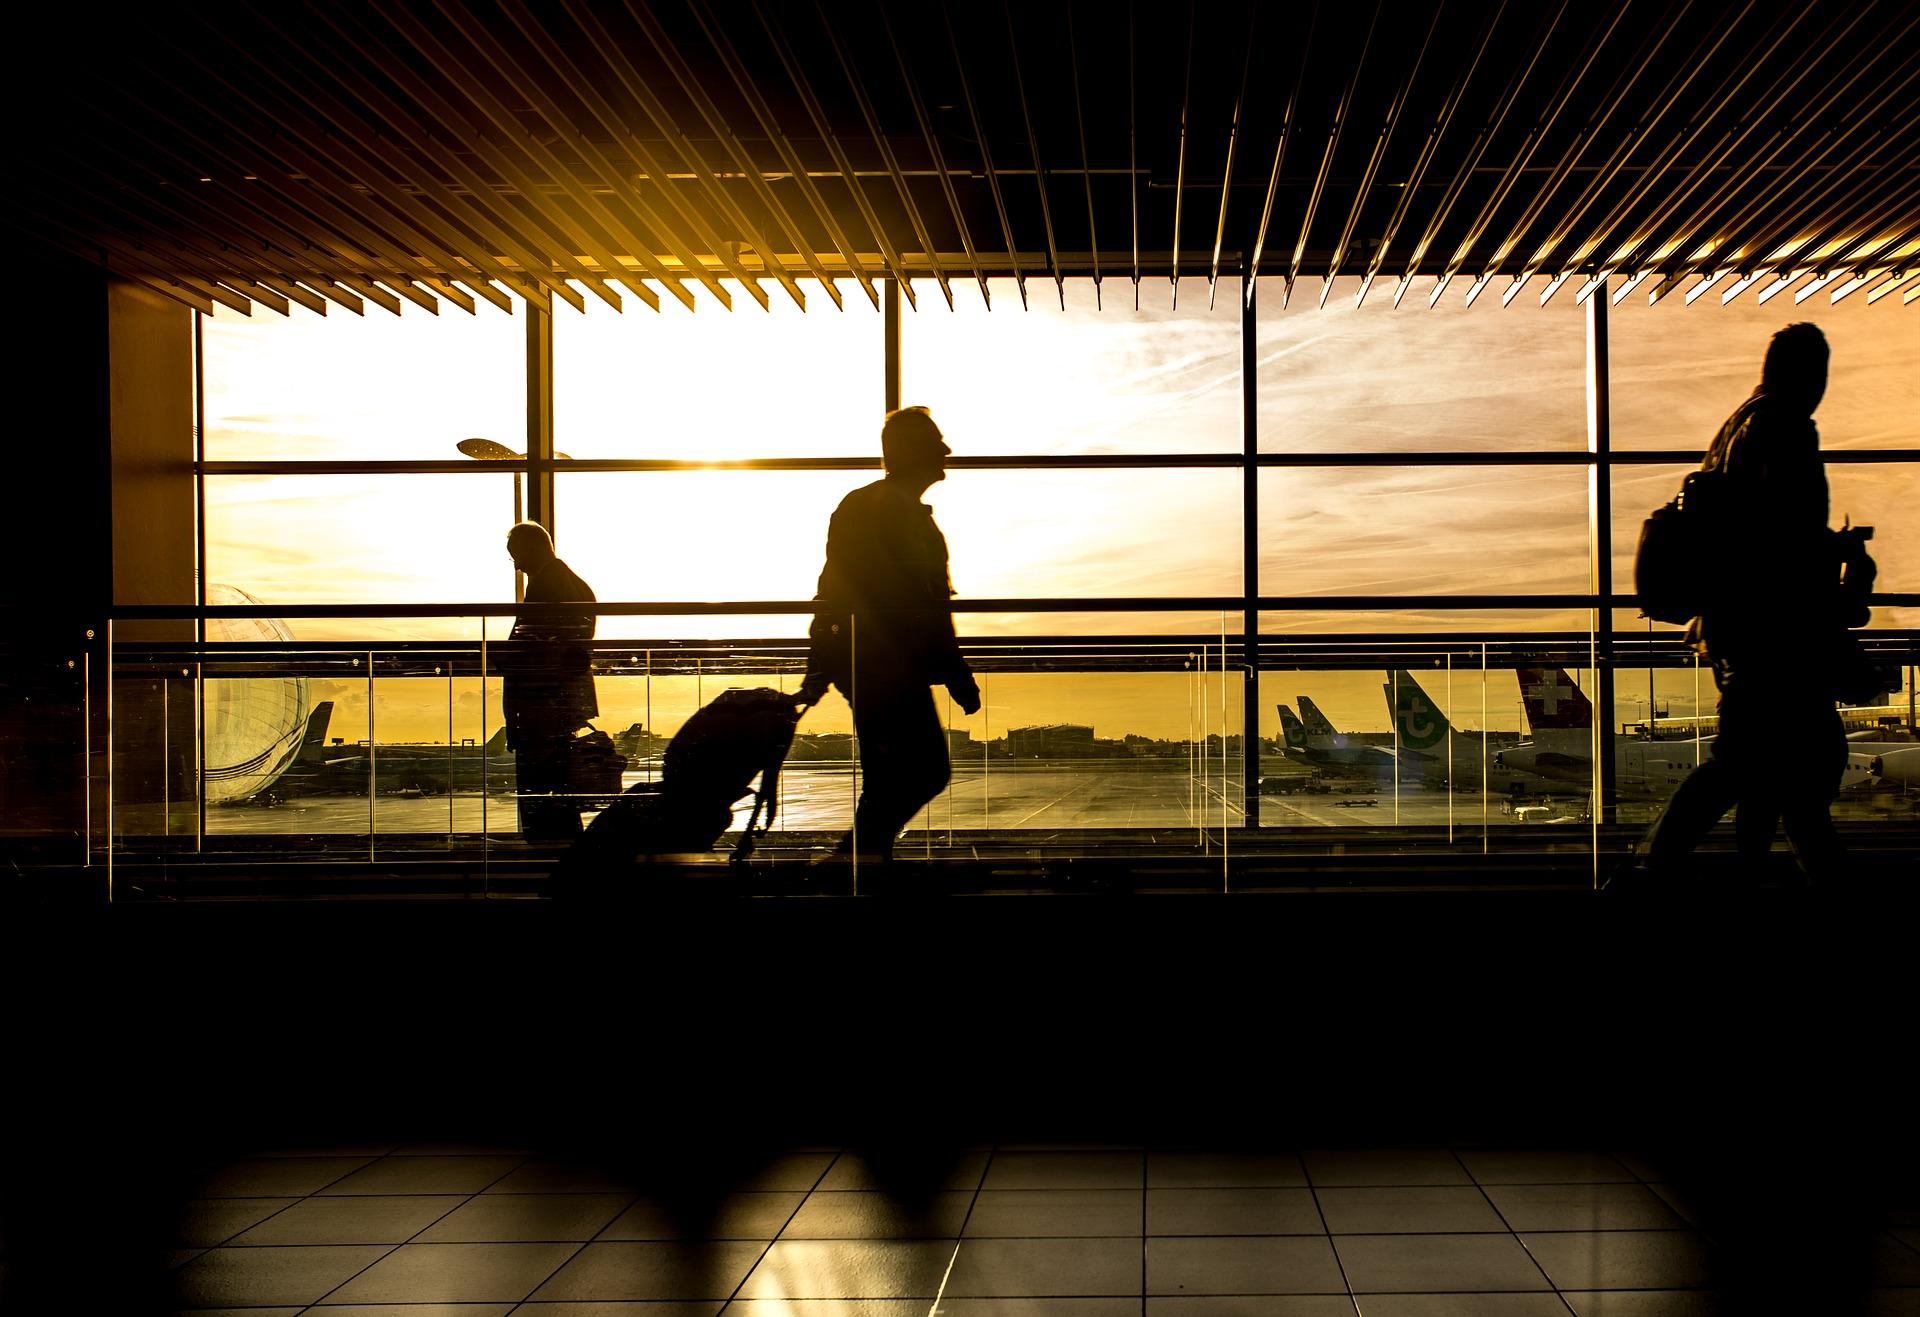 transfert aéroport transfert gare chauffeur privé VTC